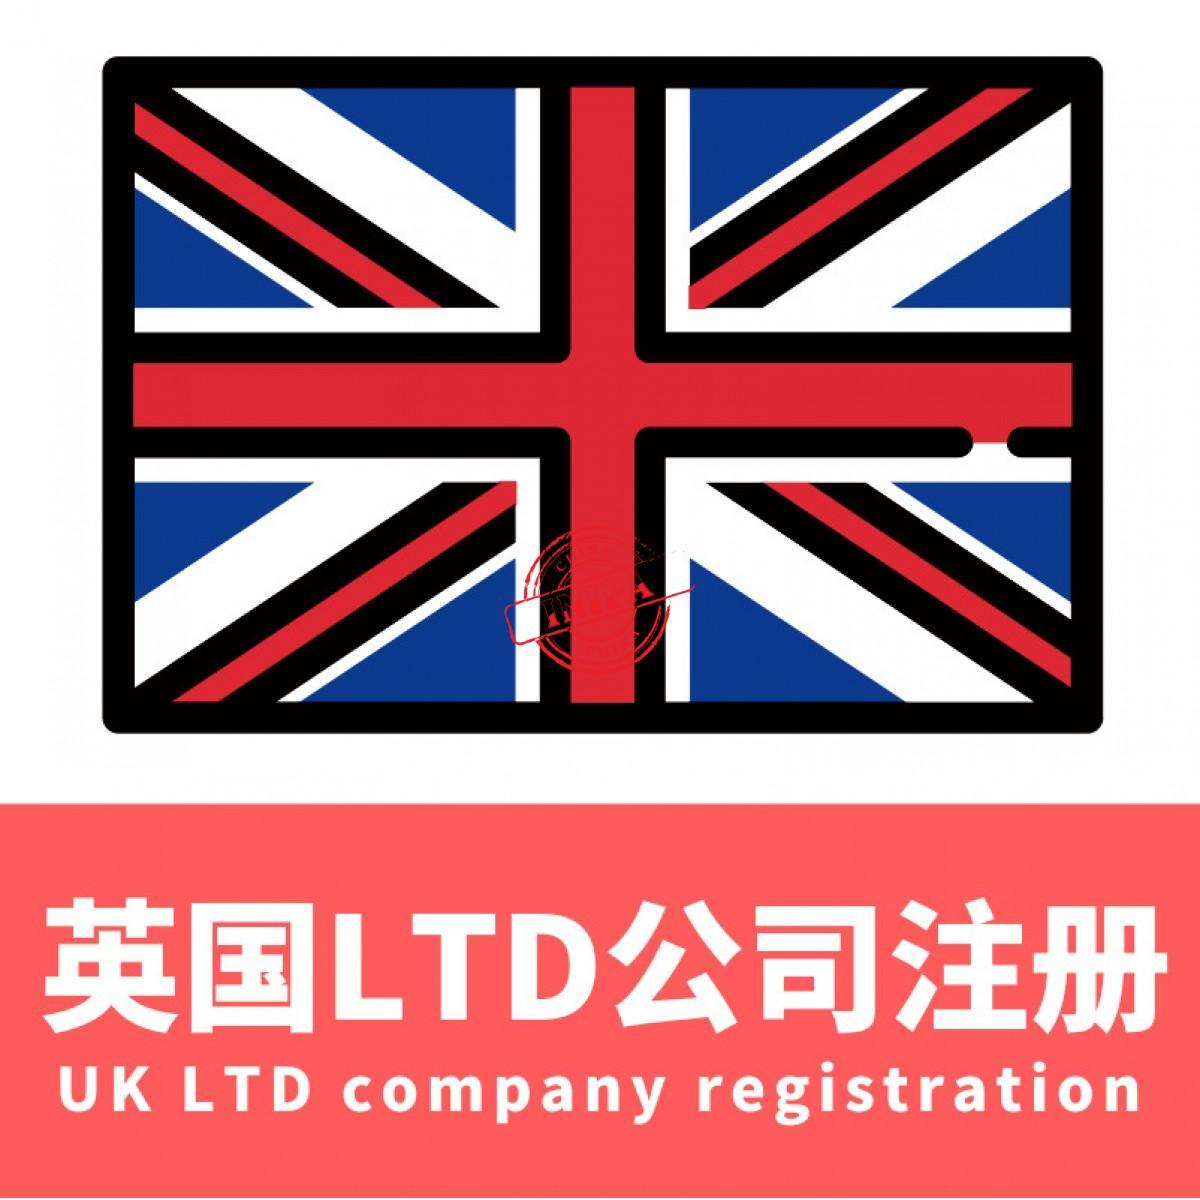 英国公司注册丨LTD公司注册